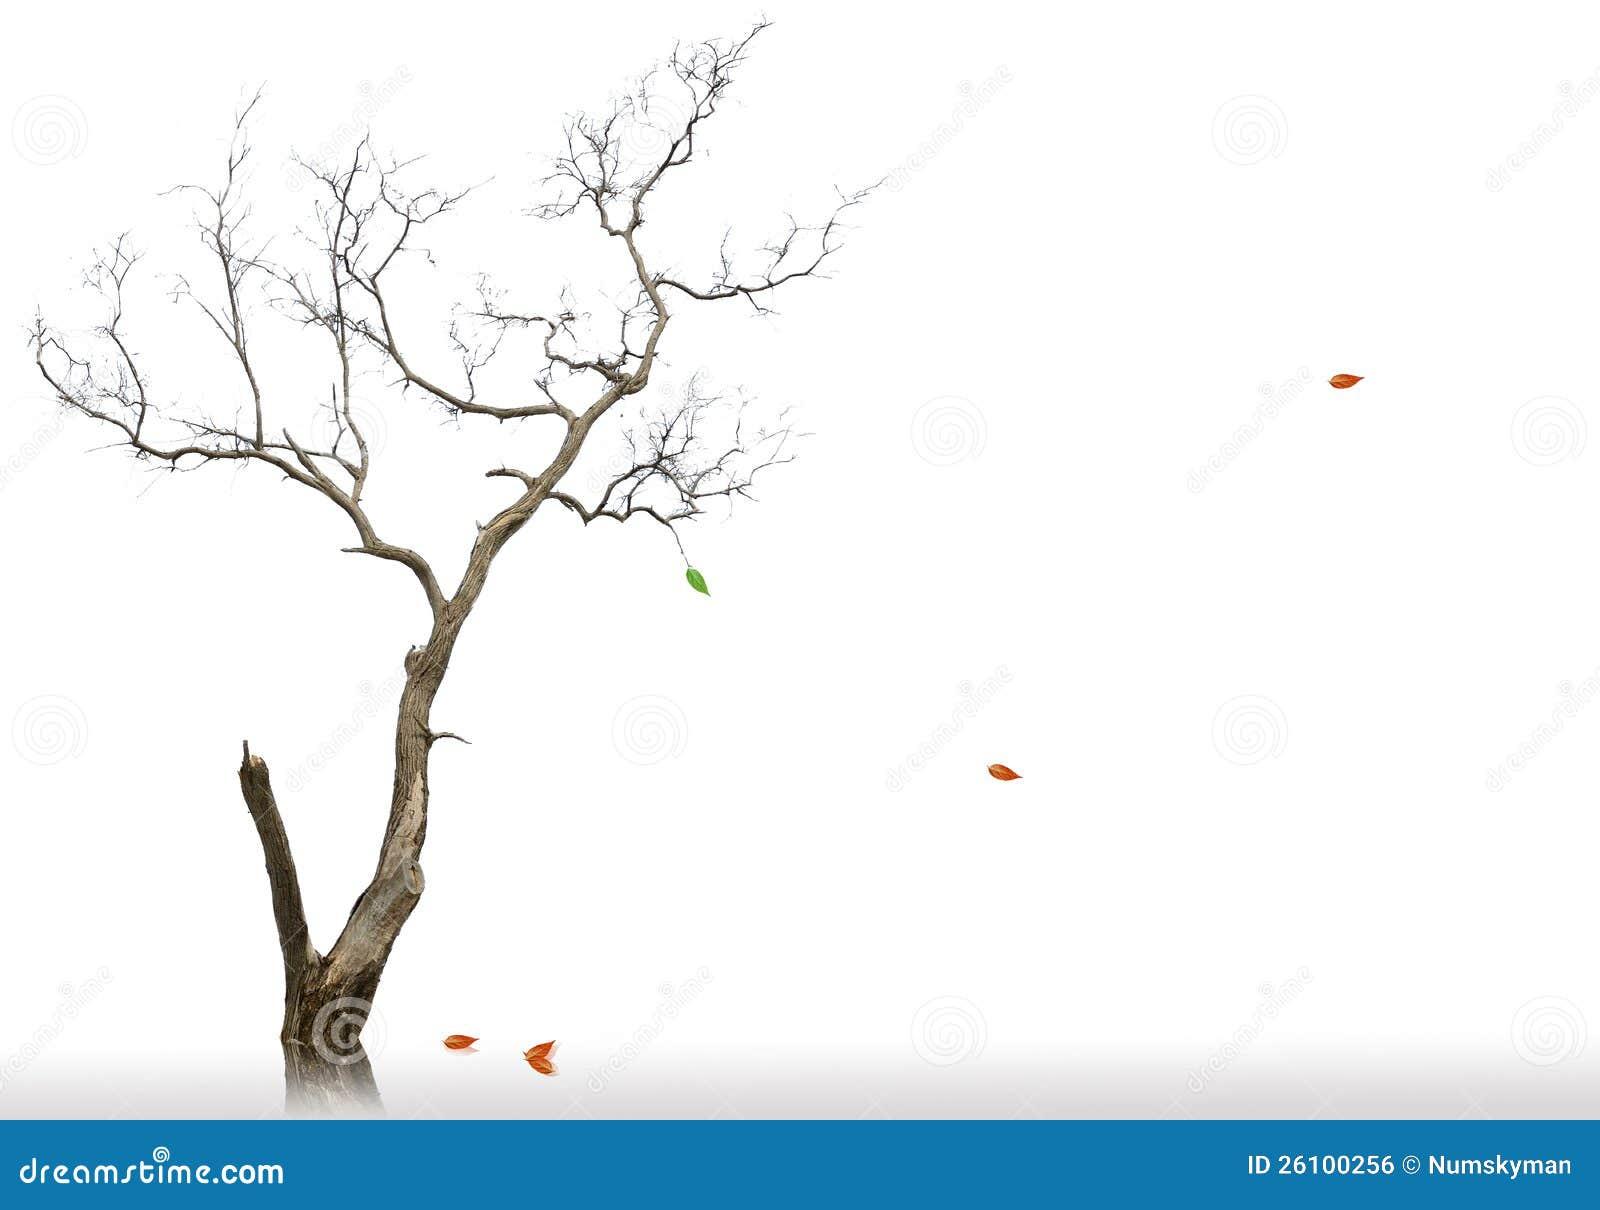 Последние листья мертвого и сухого вала